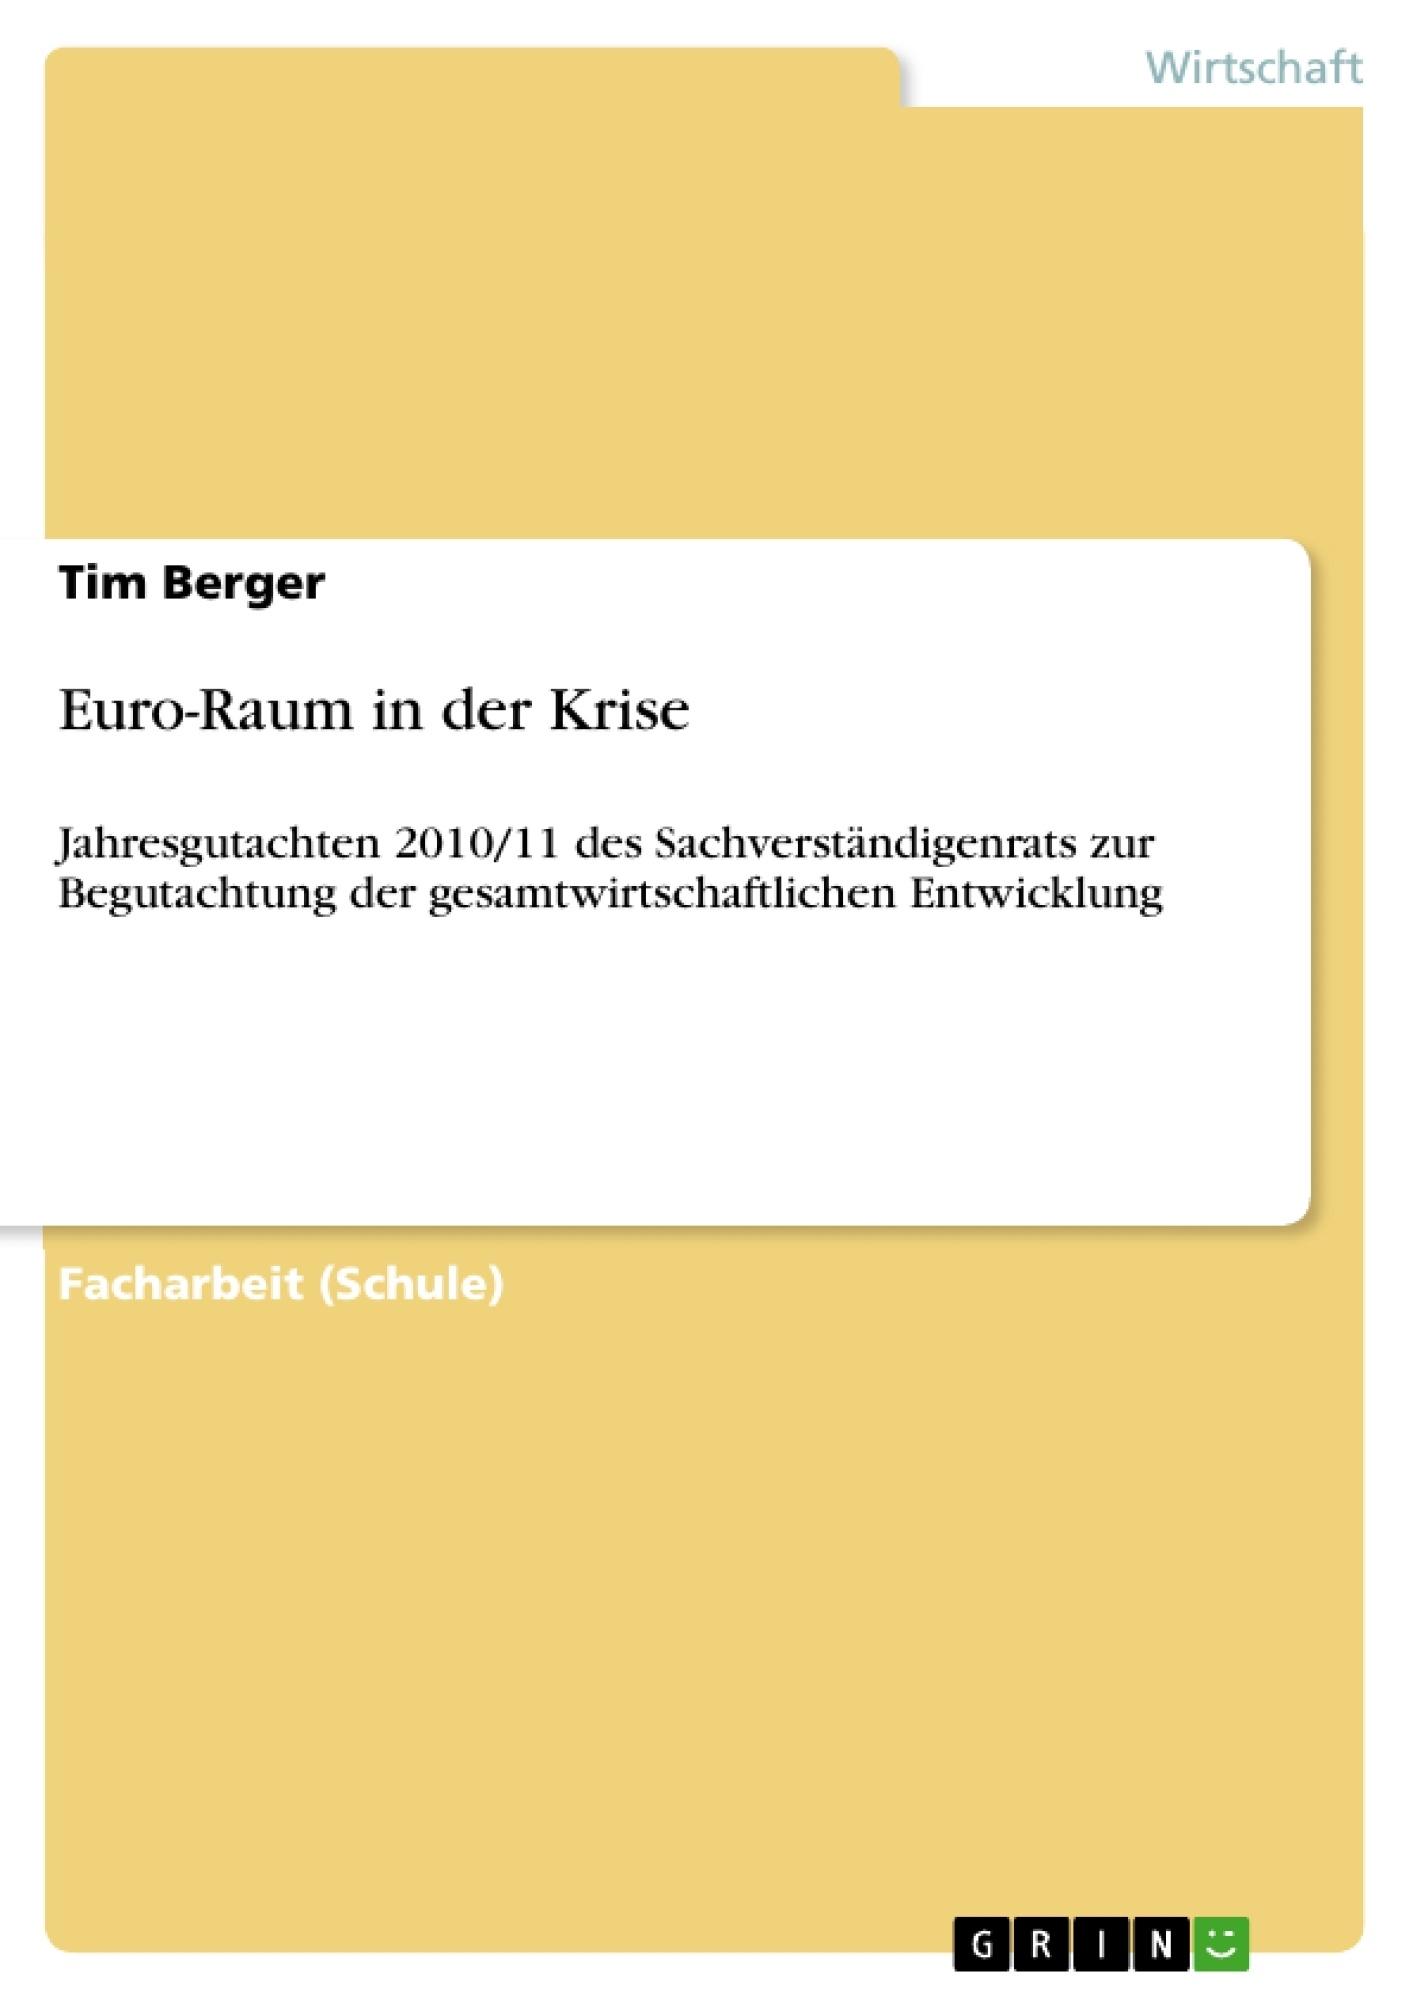 Titel: Euro-Raum in der Krise